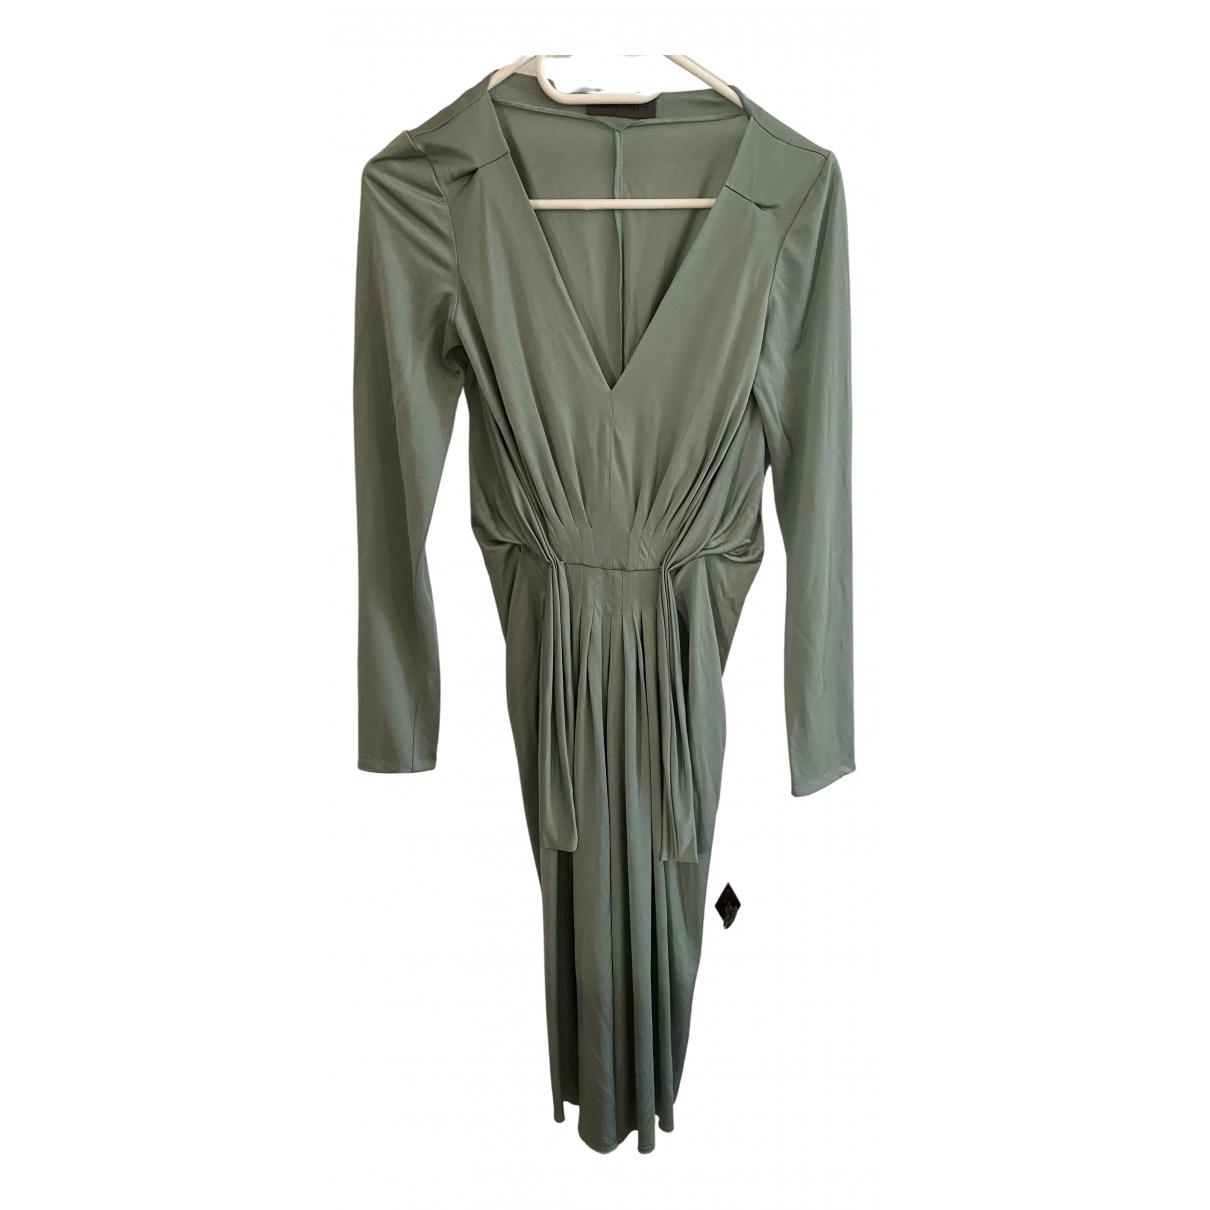 Alberta Ferretti N dress for Women 40 IT